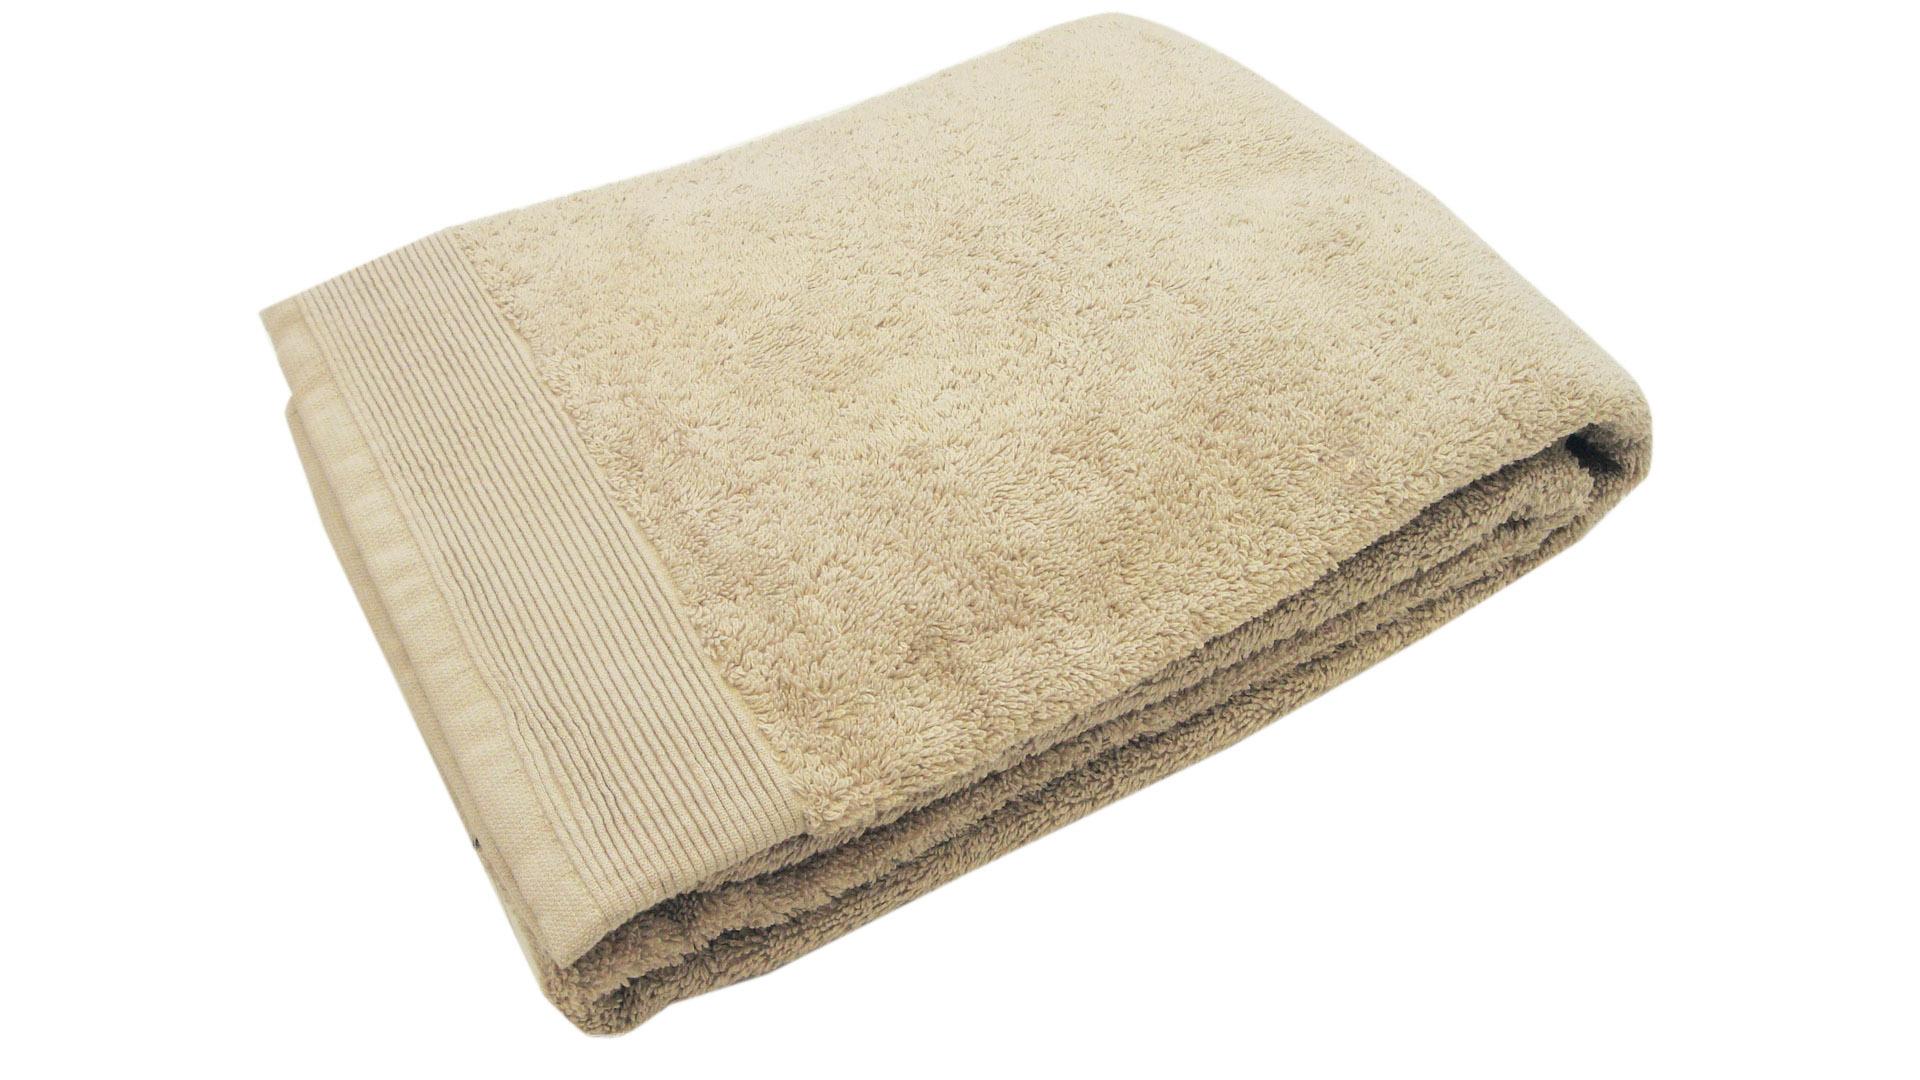 uni serviette invit la boutique blanc des vosges. Black Bedroom Furniture Sets. Home Design Ideas